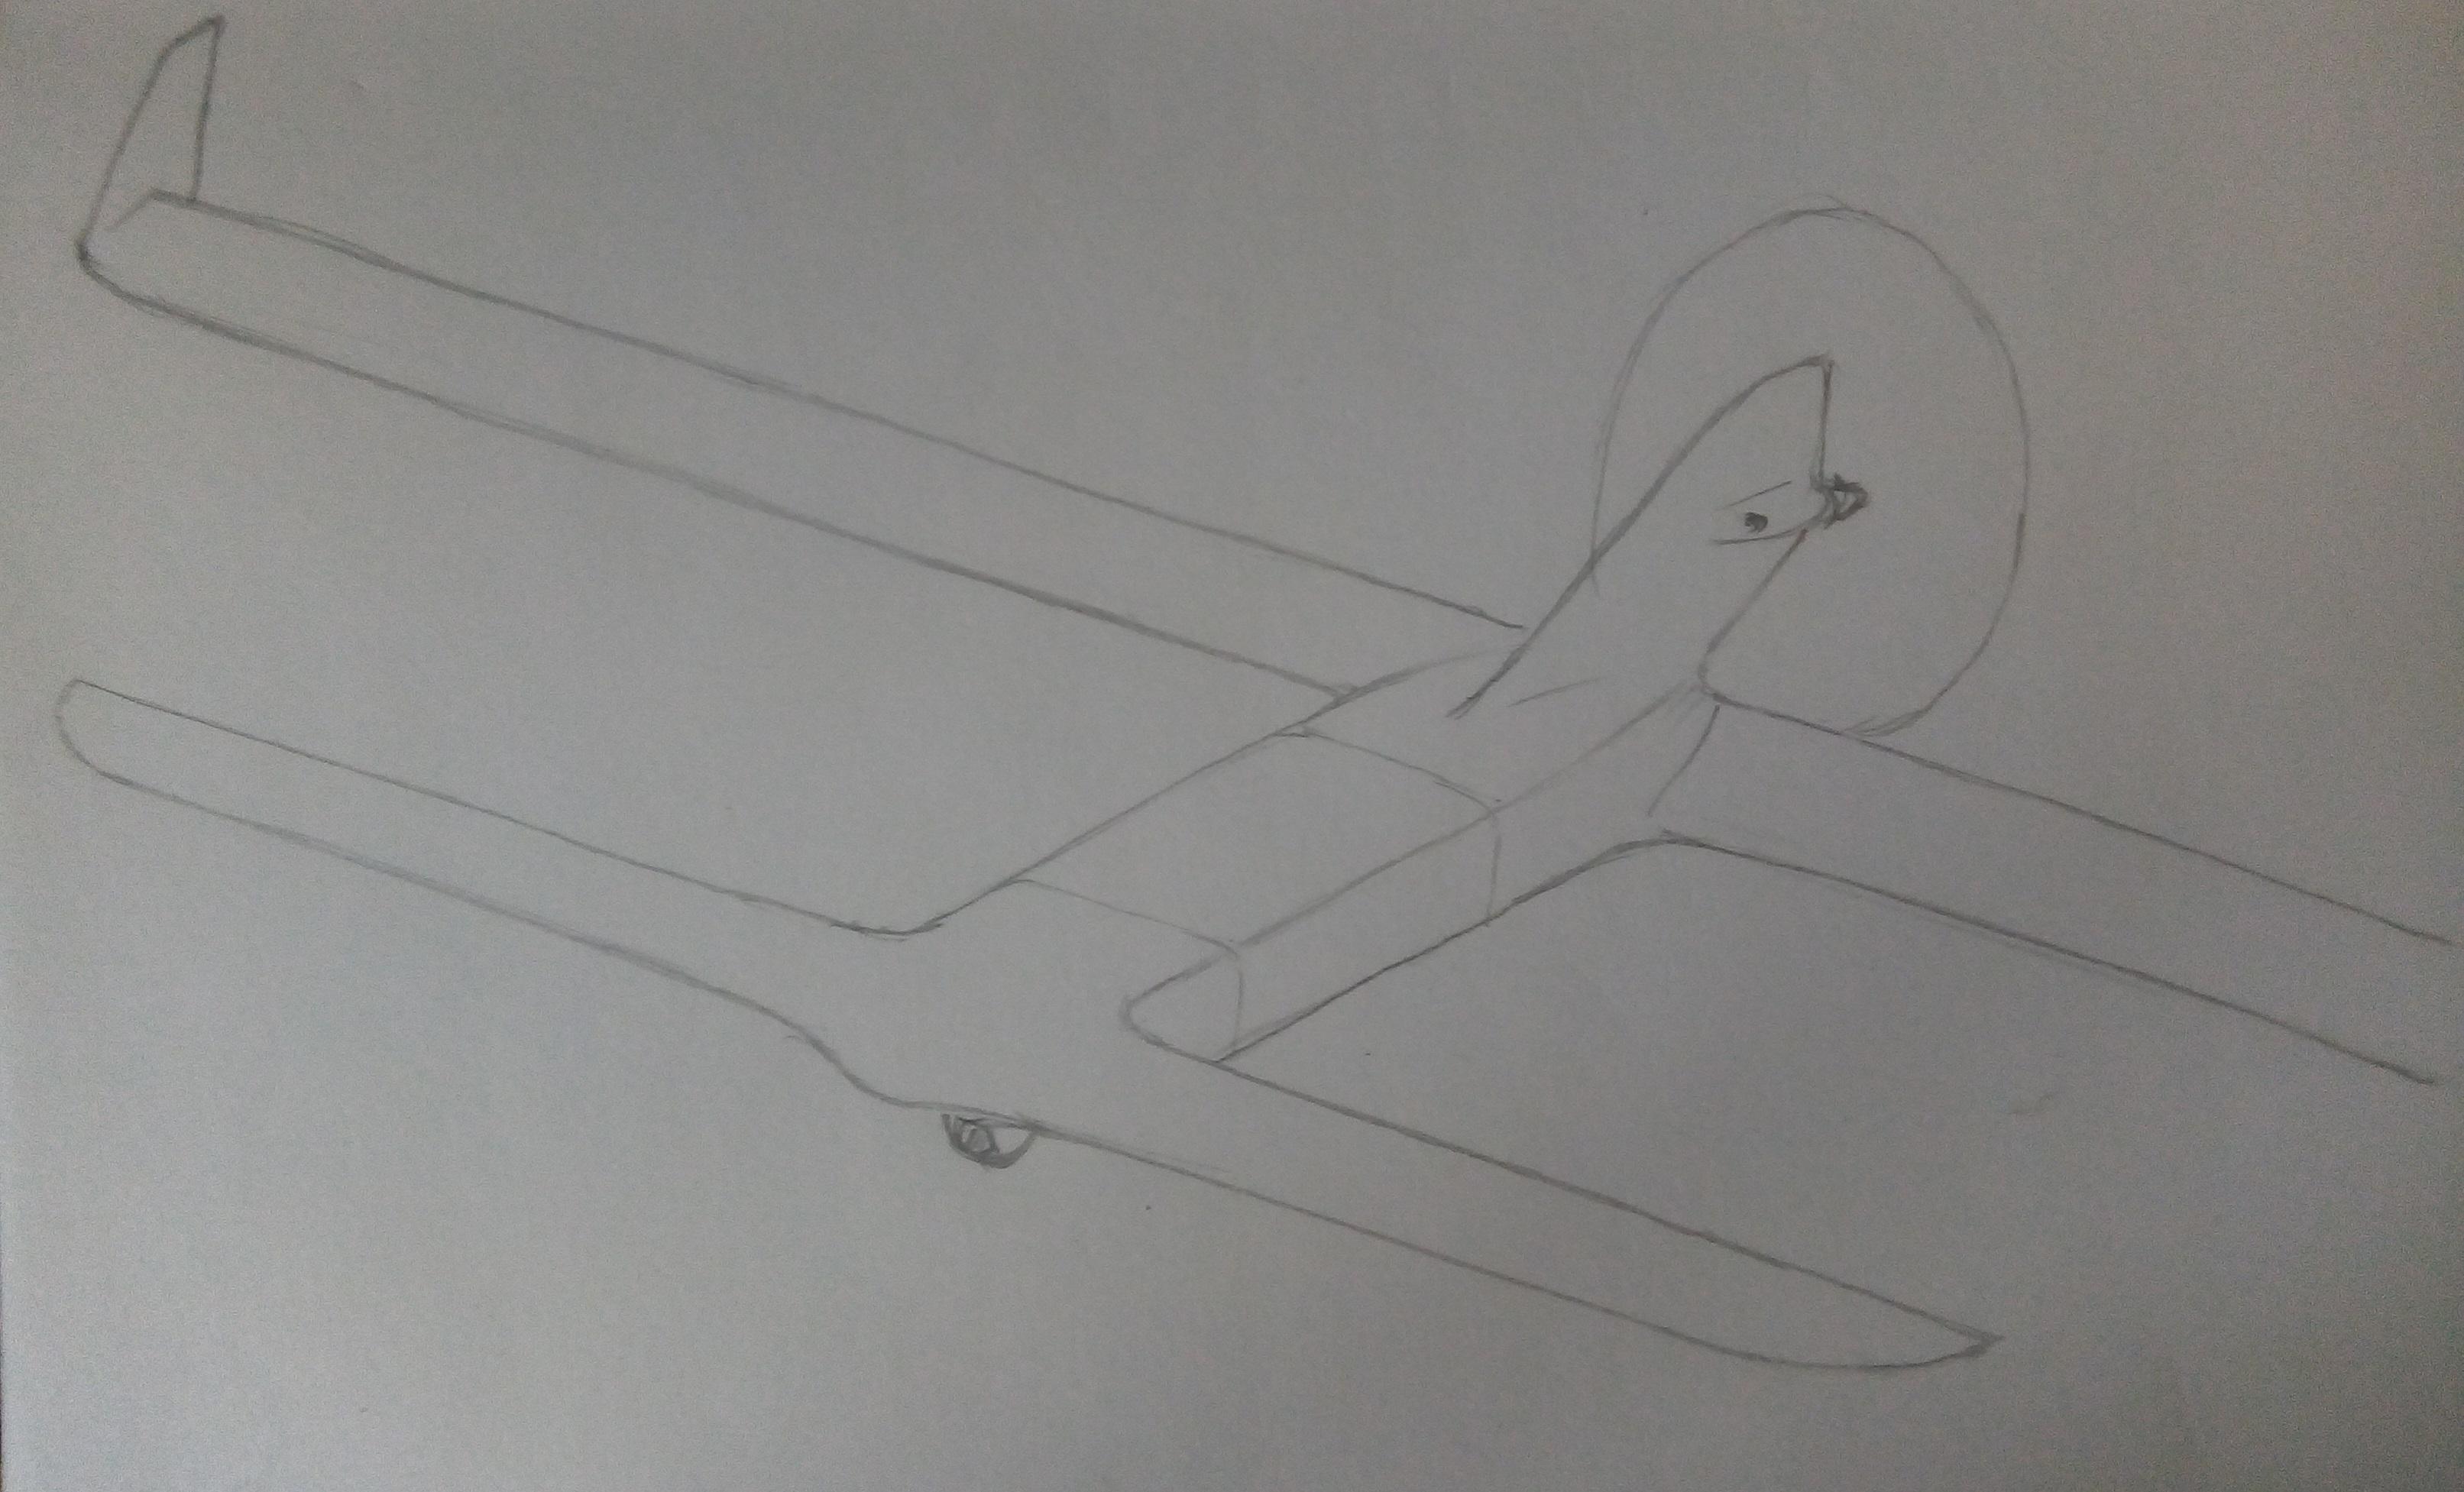 e UAV feasibility